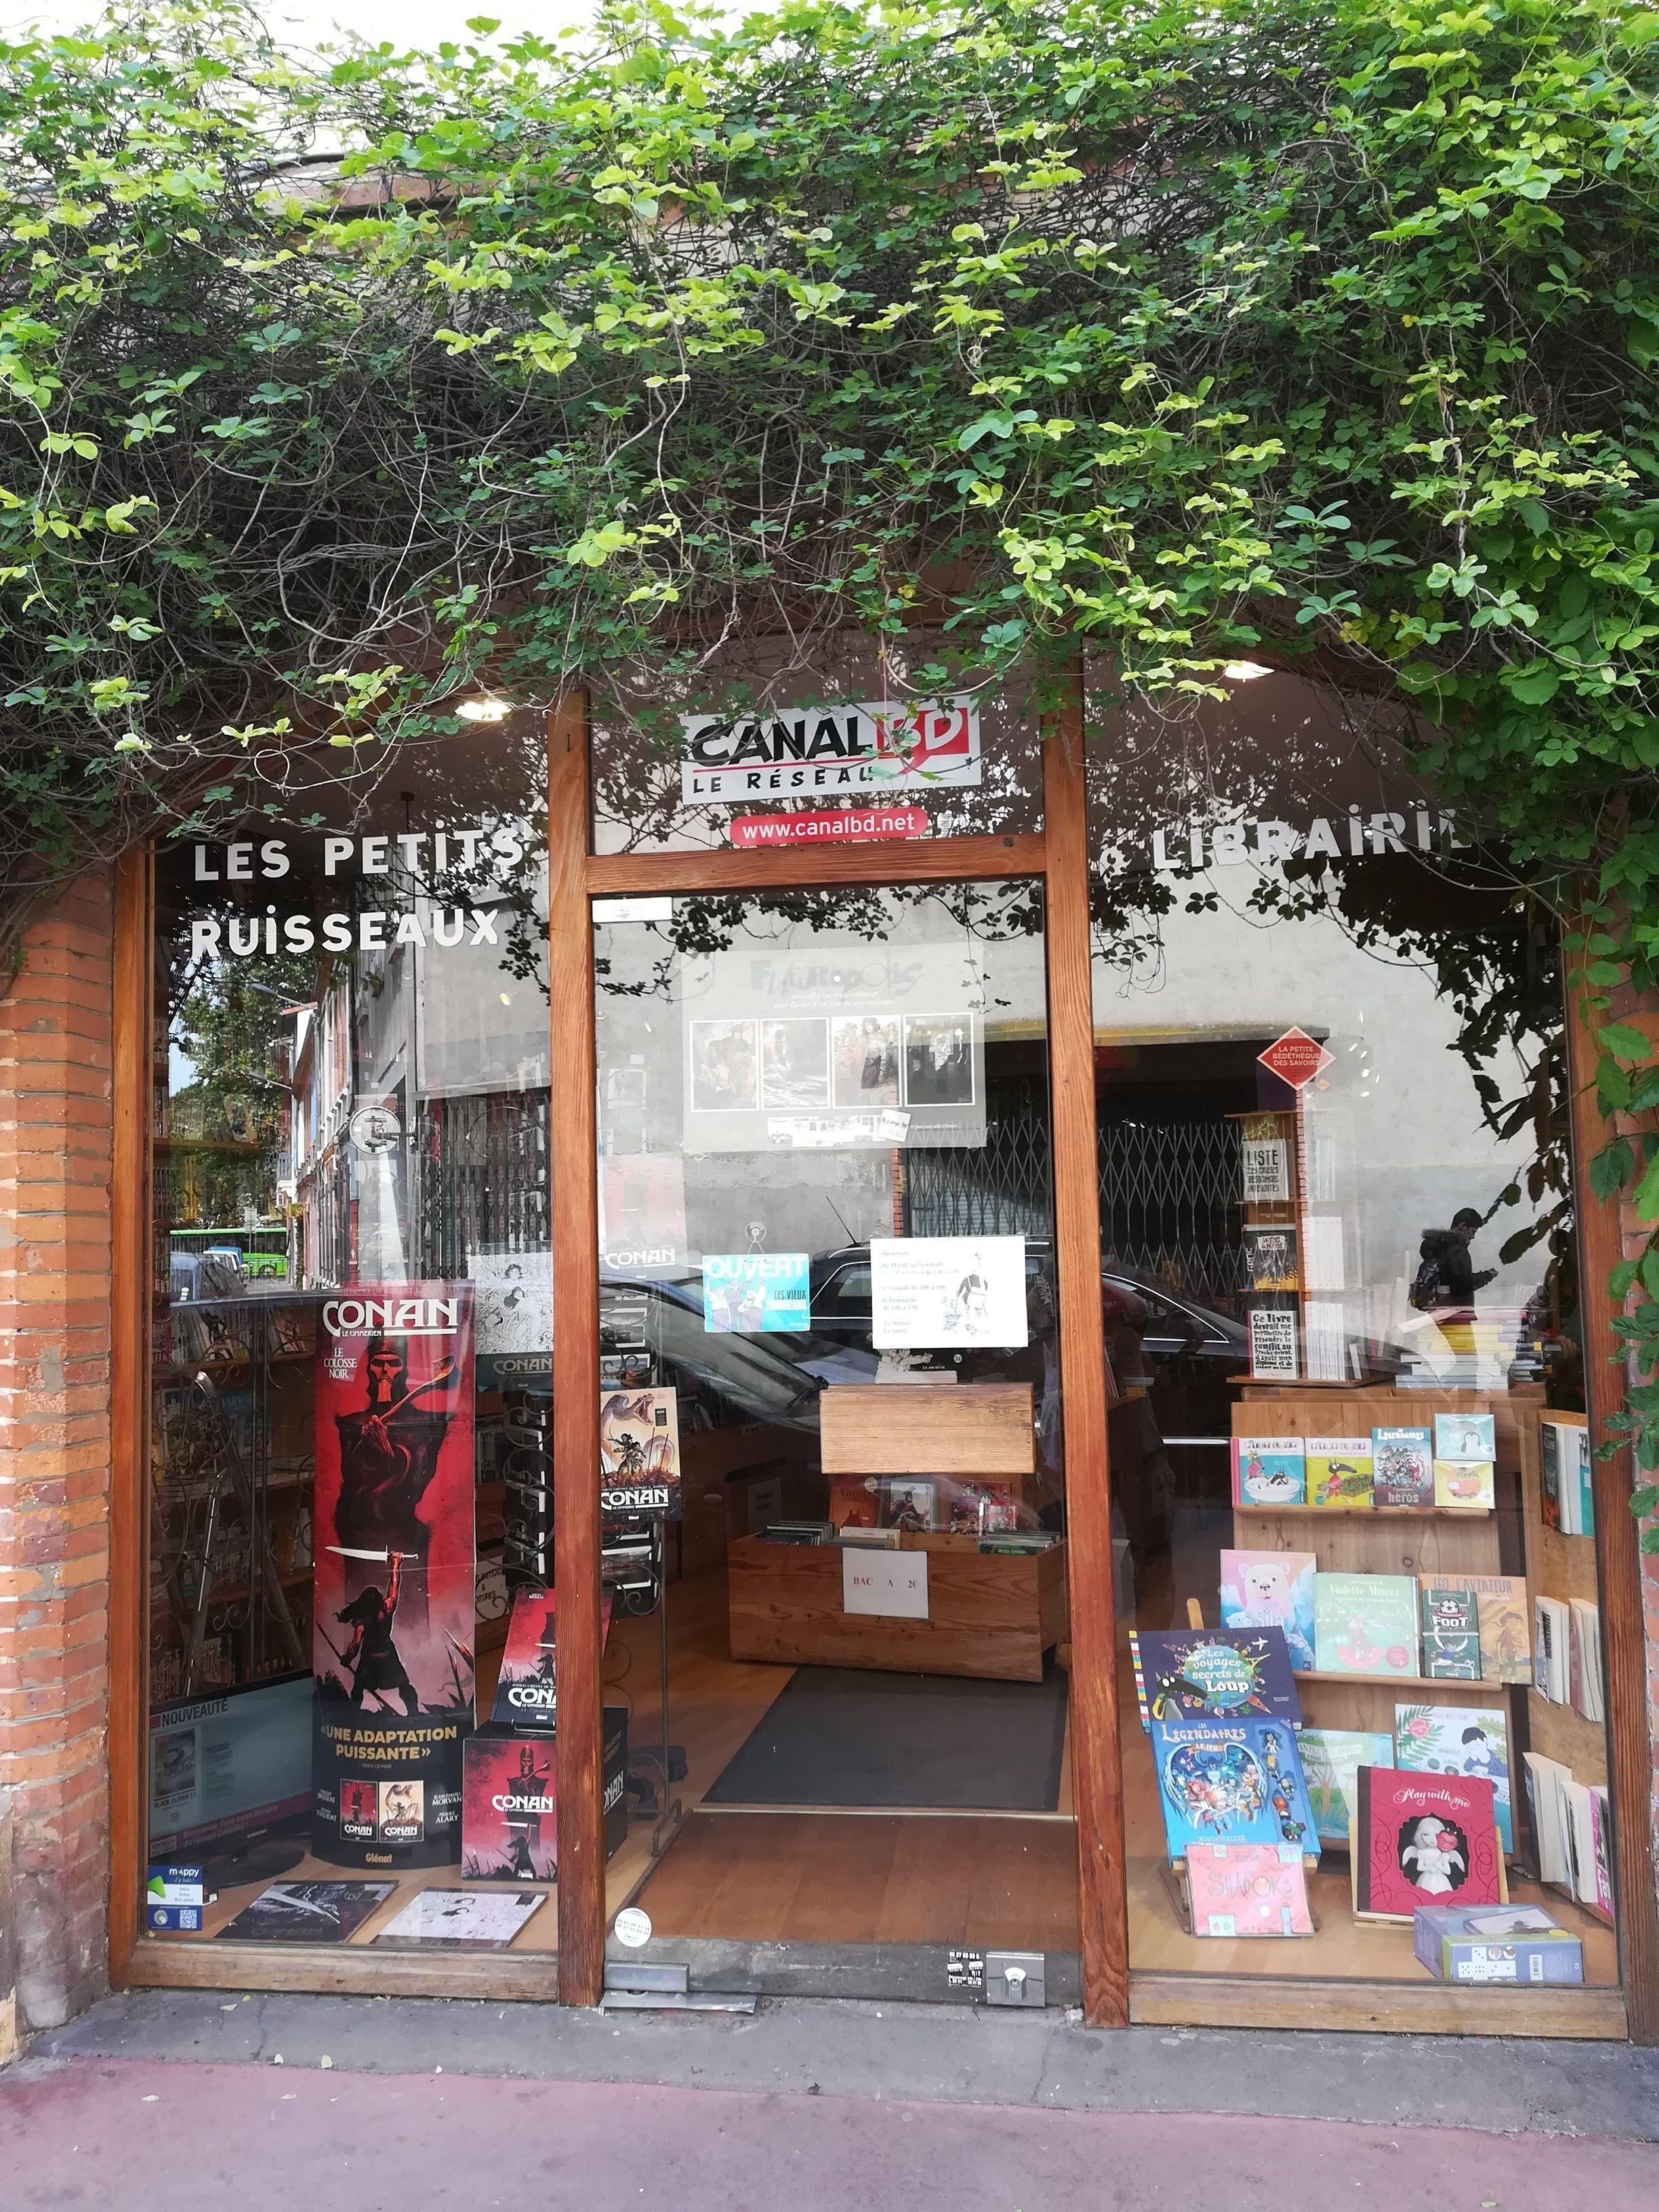 Librairie manga - Librairie Les Petits Ruisseaux